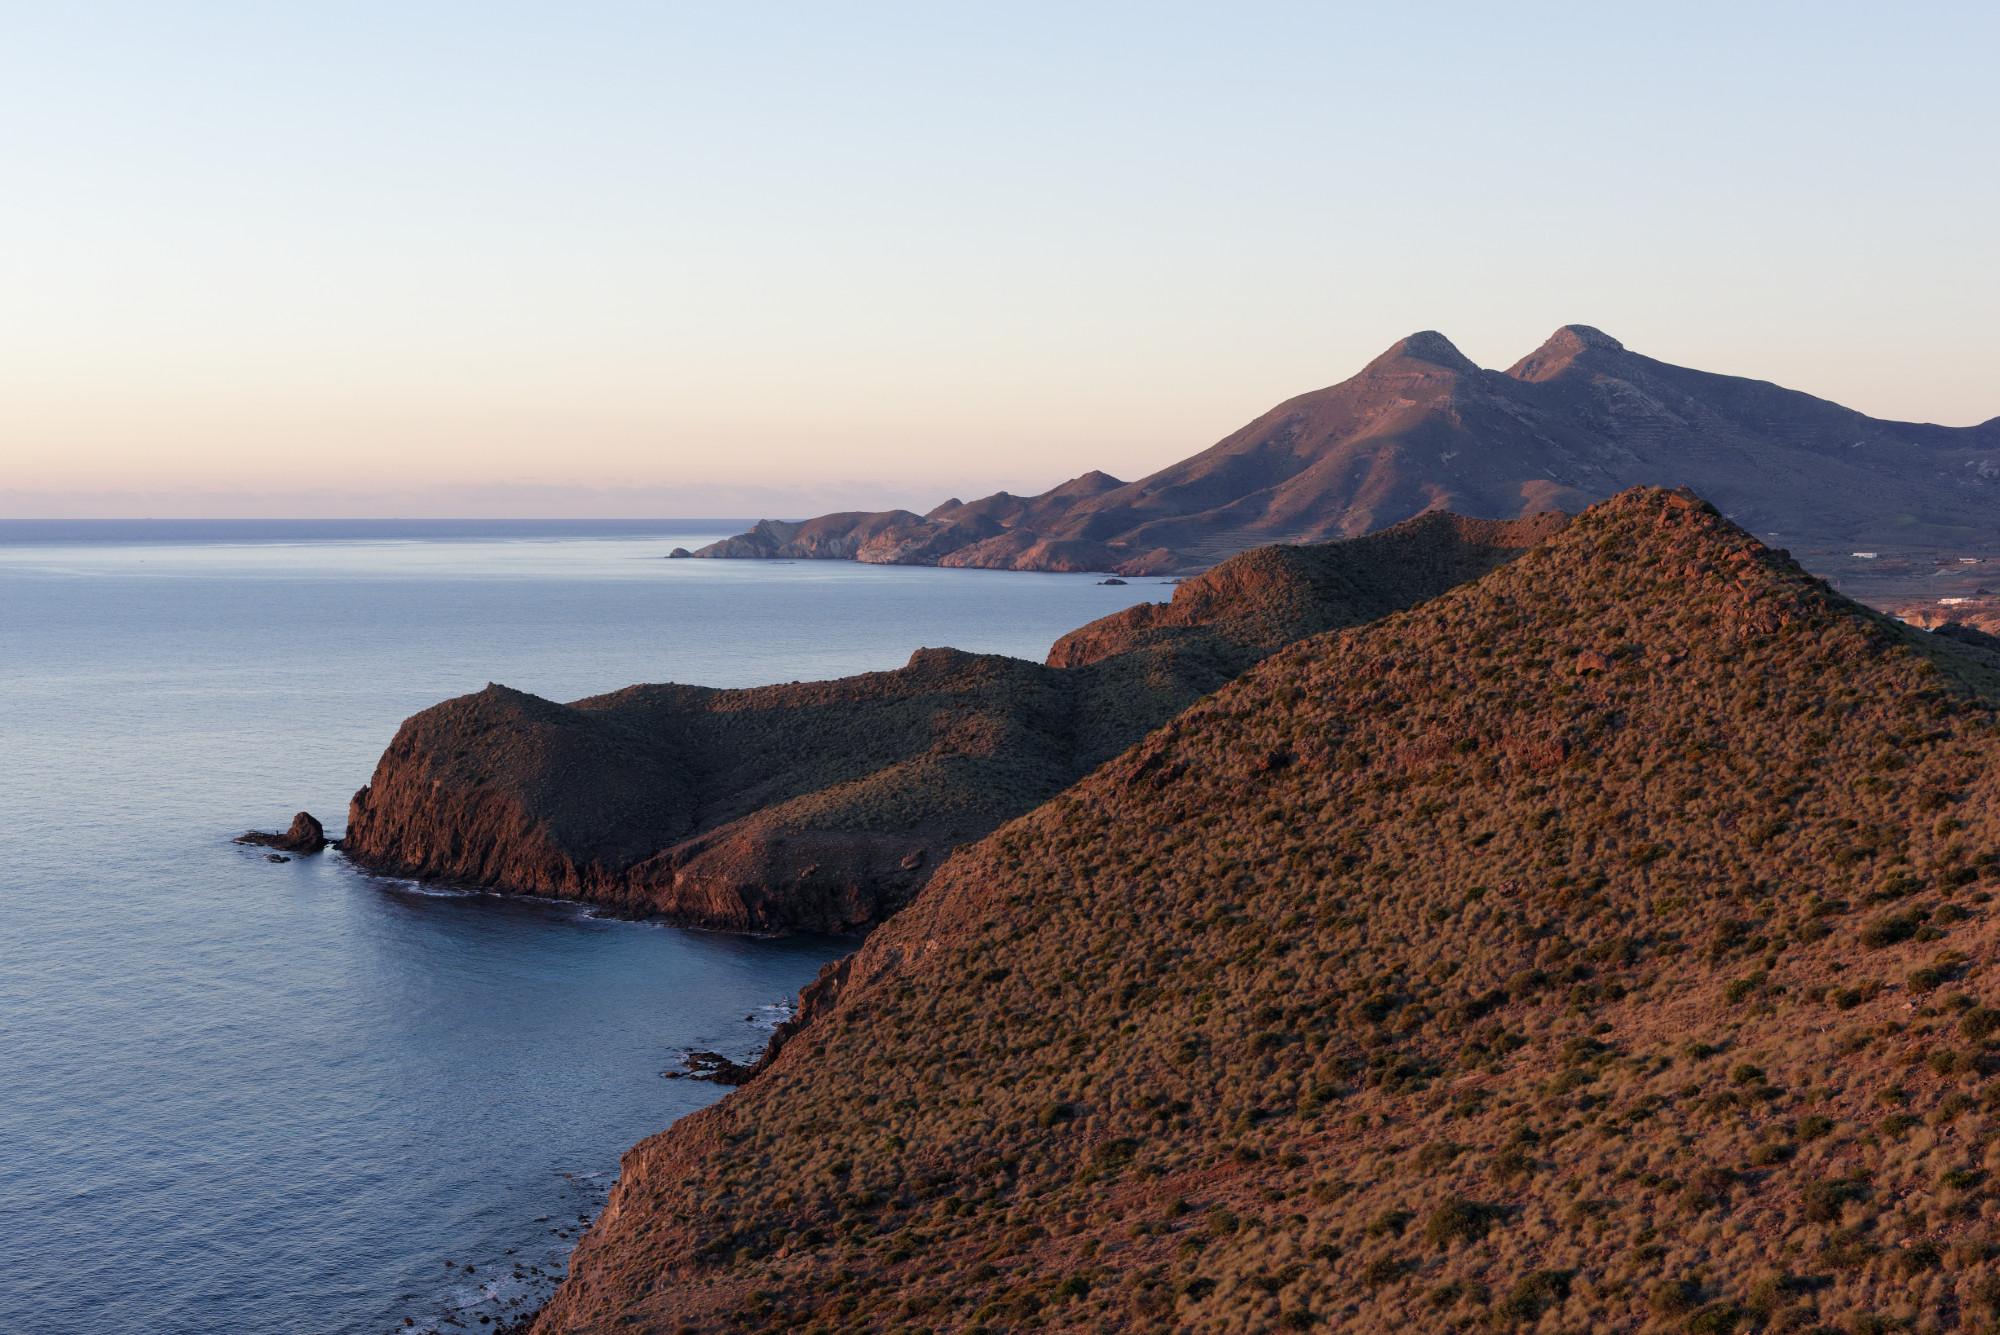 171213-La Isleta del Moro (16) (Cabo de Gata-Andalousie)